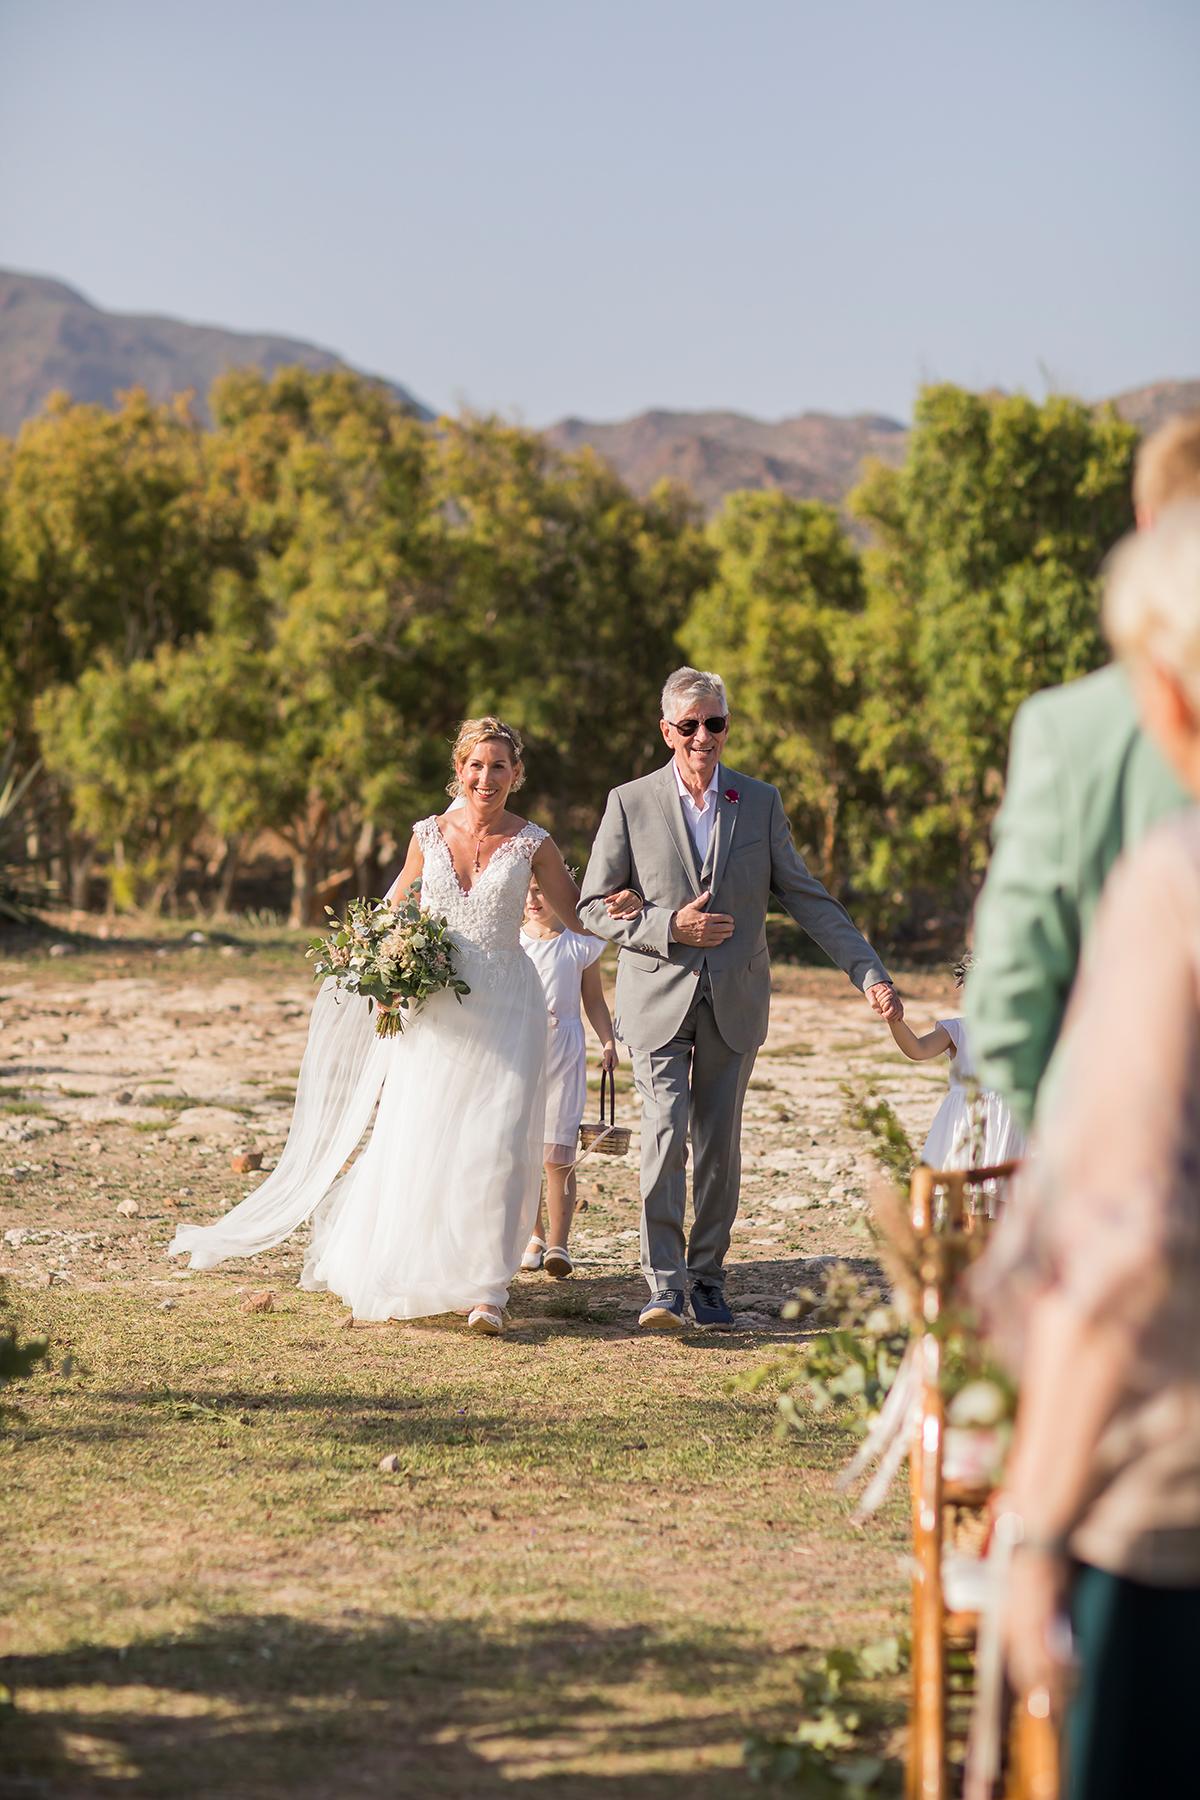 Hochzeit am Meer, Braut und Vater